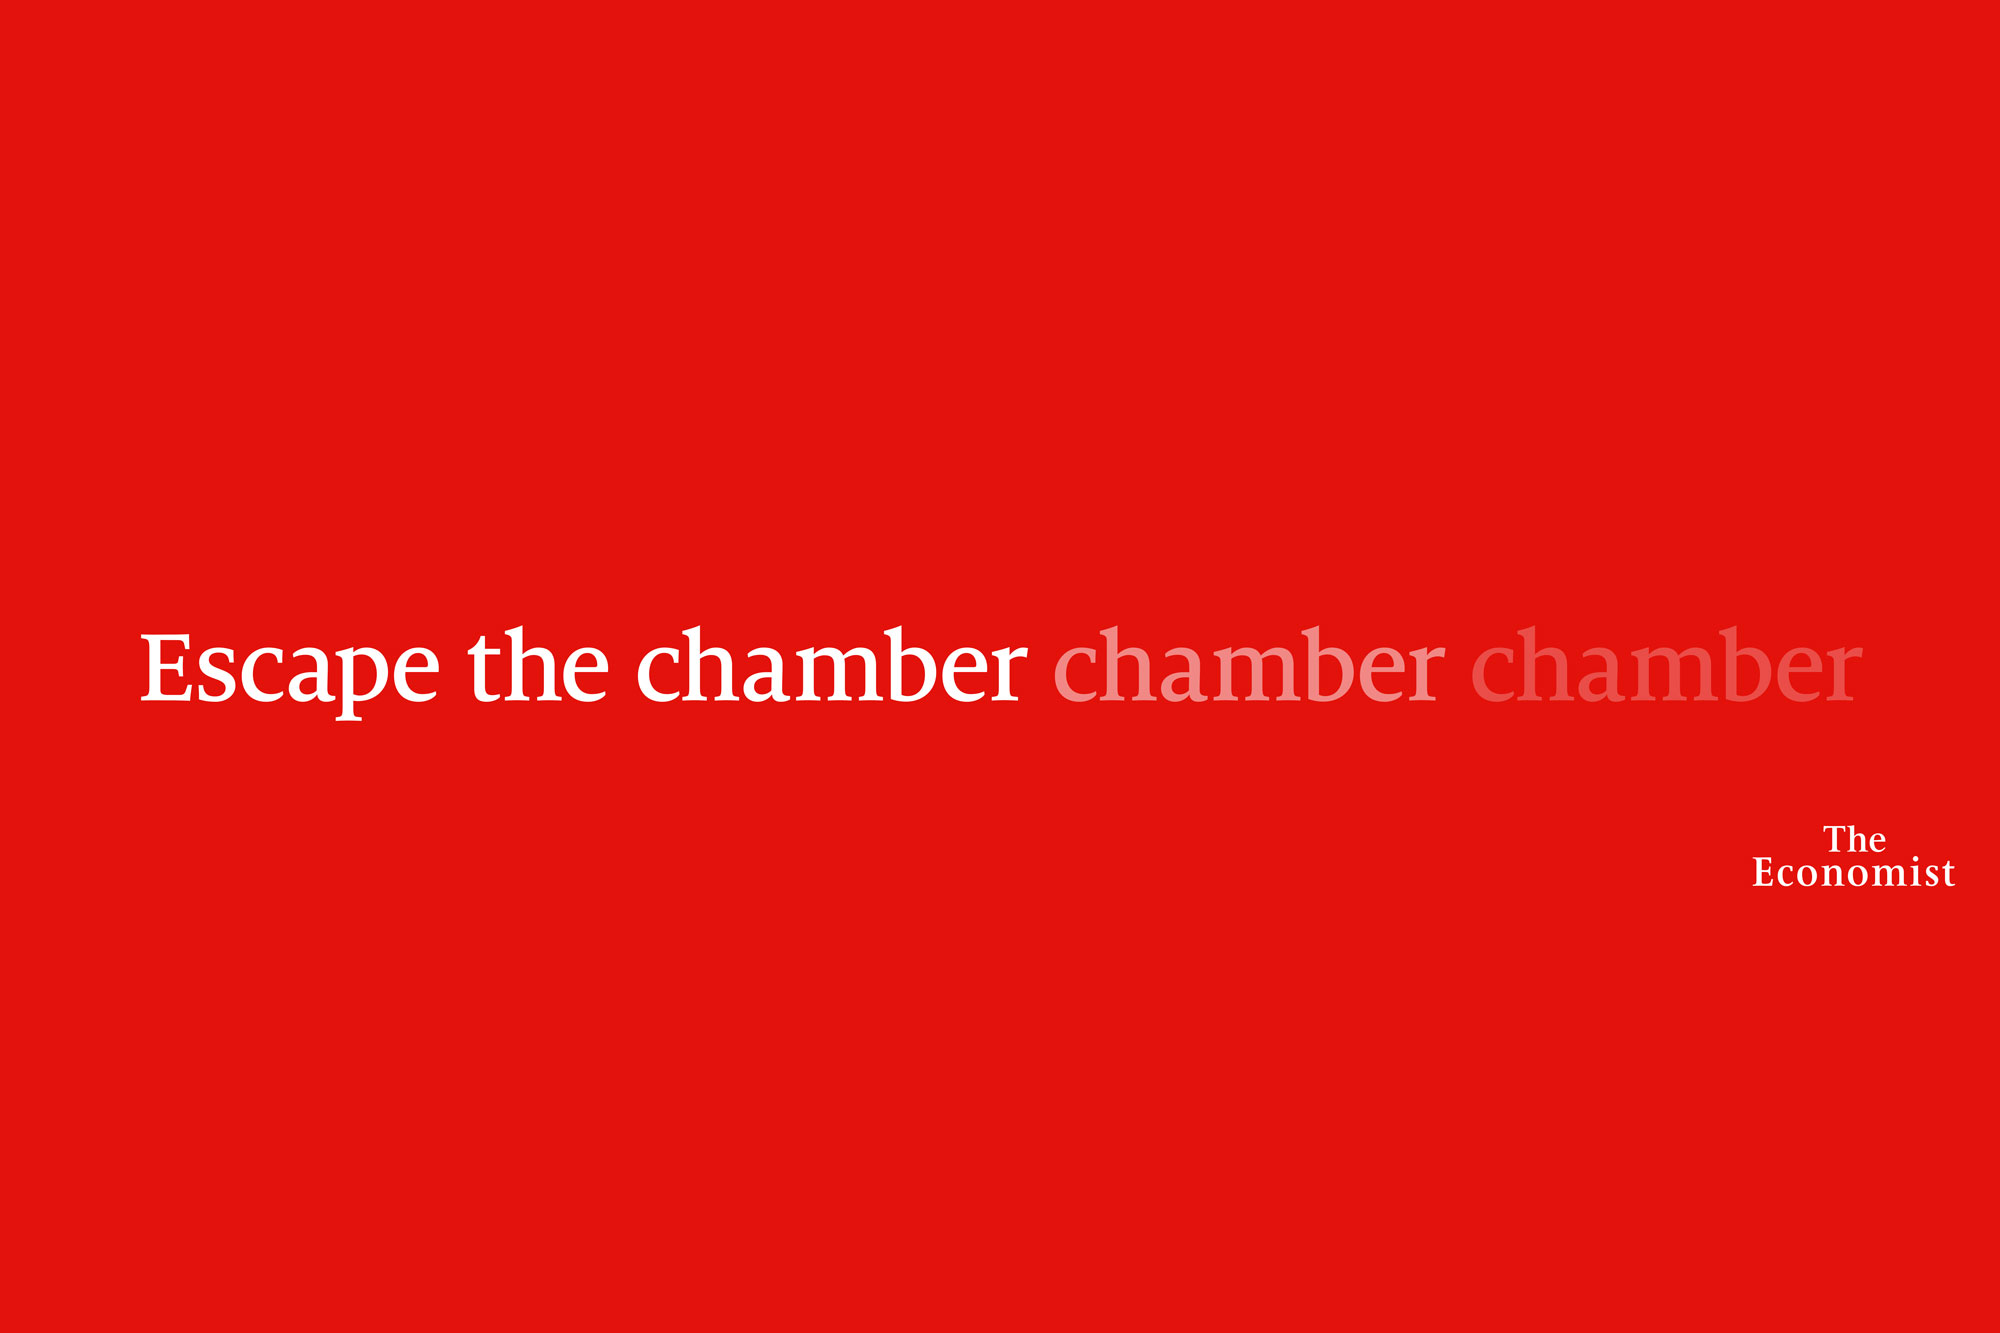 The Economist: 2020 OOH